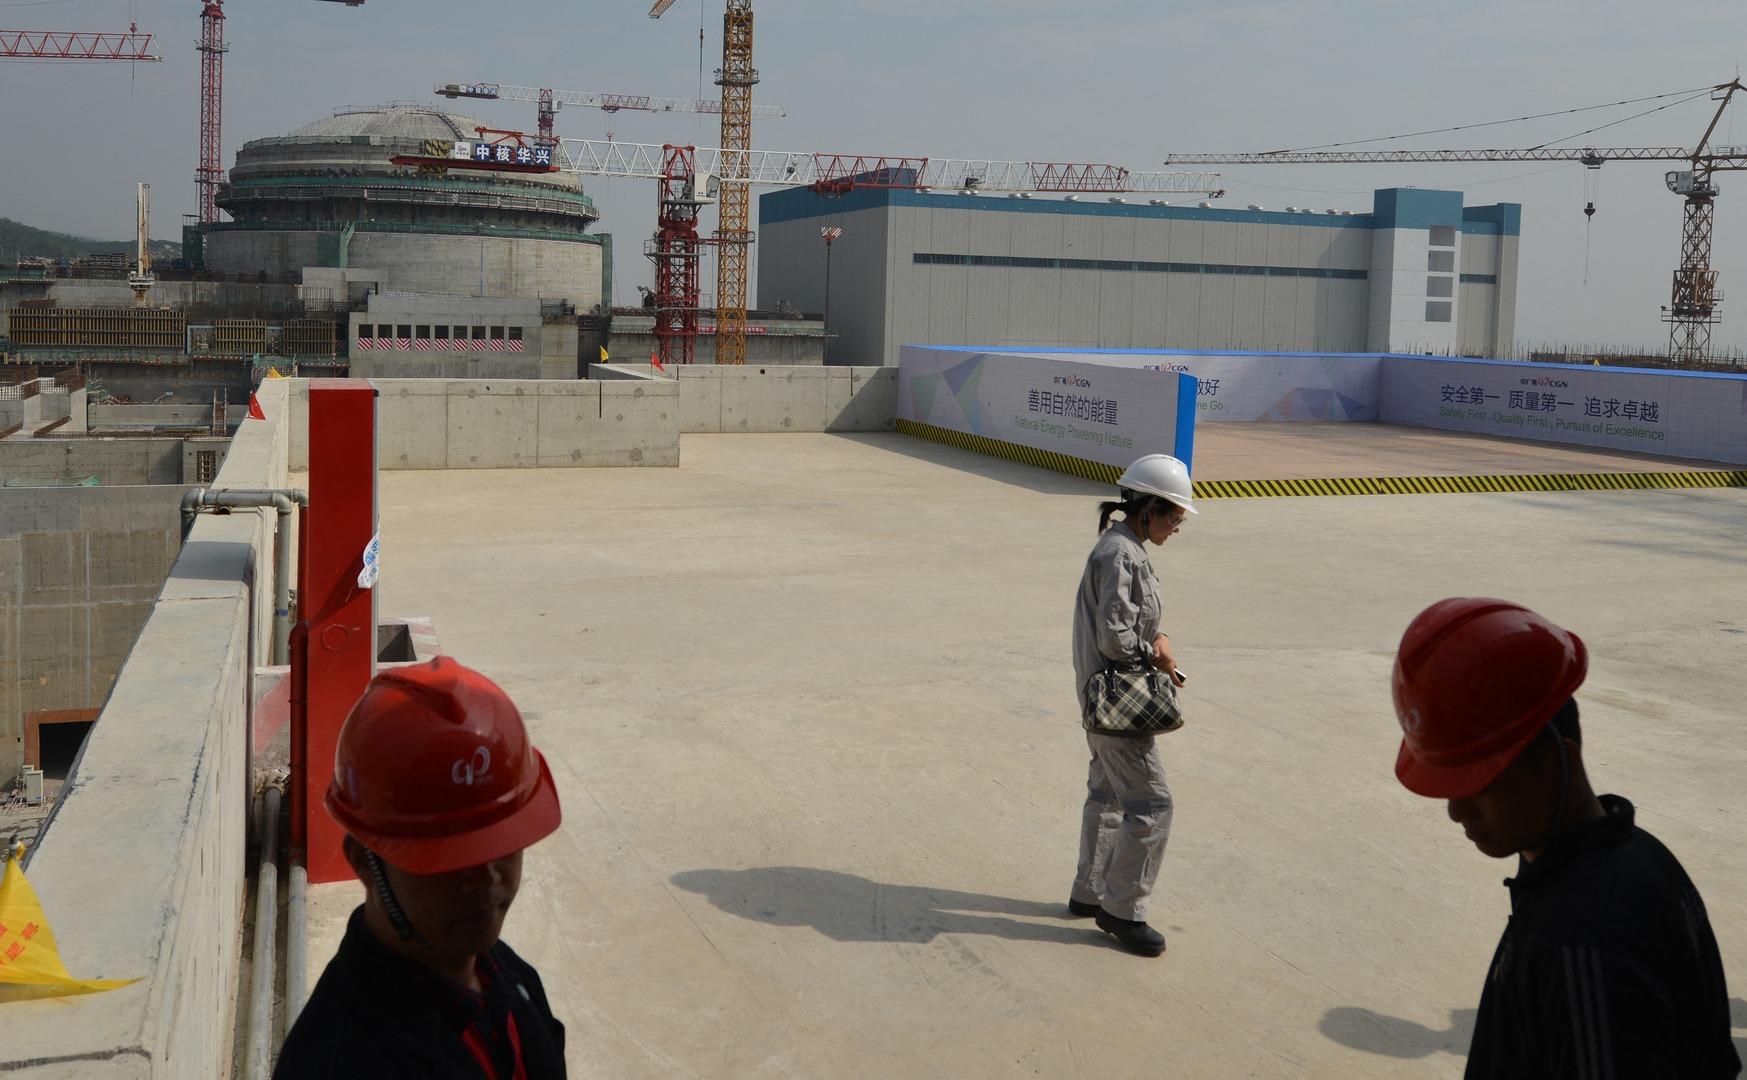 الصين تؤكد لأول مرة زيادة مستويات الإشعاع في محطة تايشان النووية